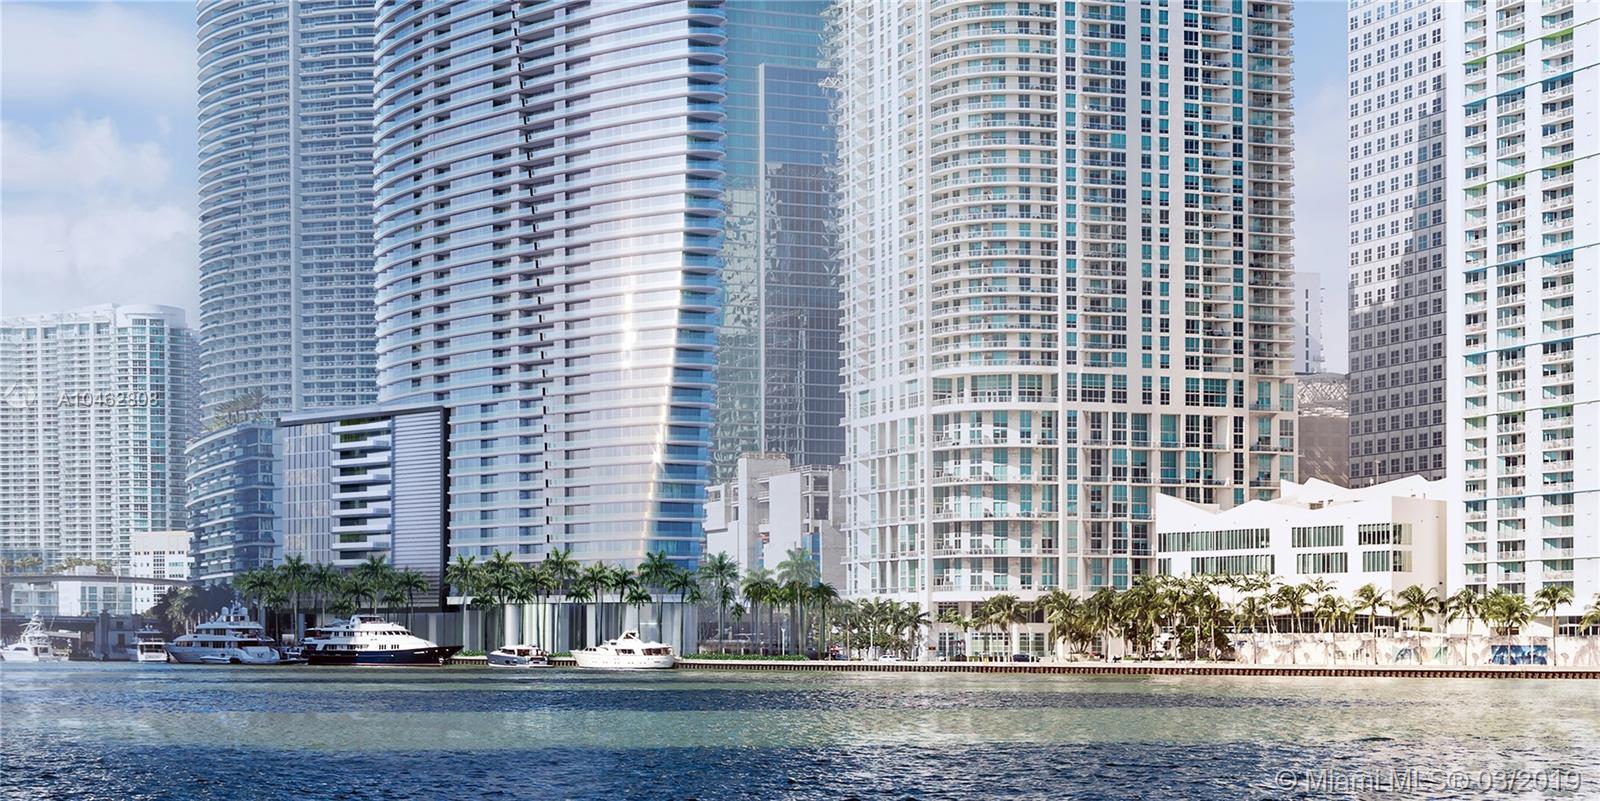 300 Biscayne Blvd Way 2901, Miami, FL 33131